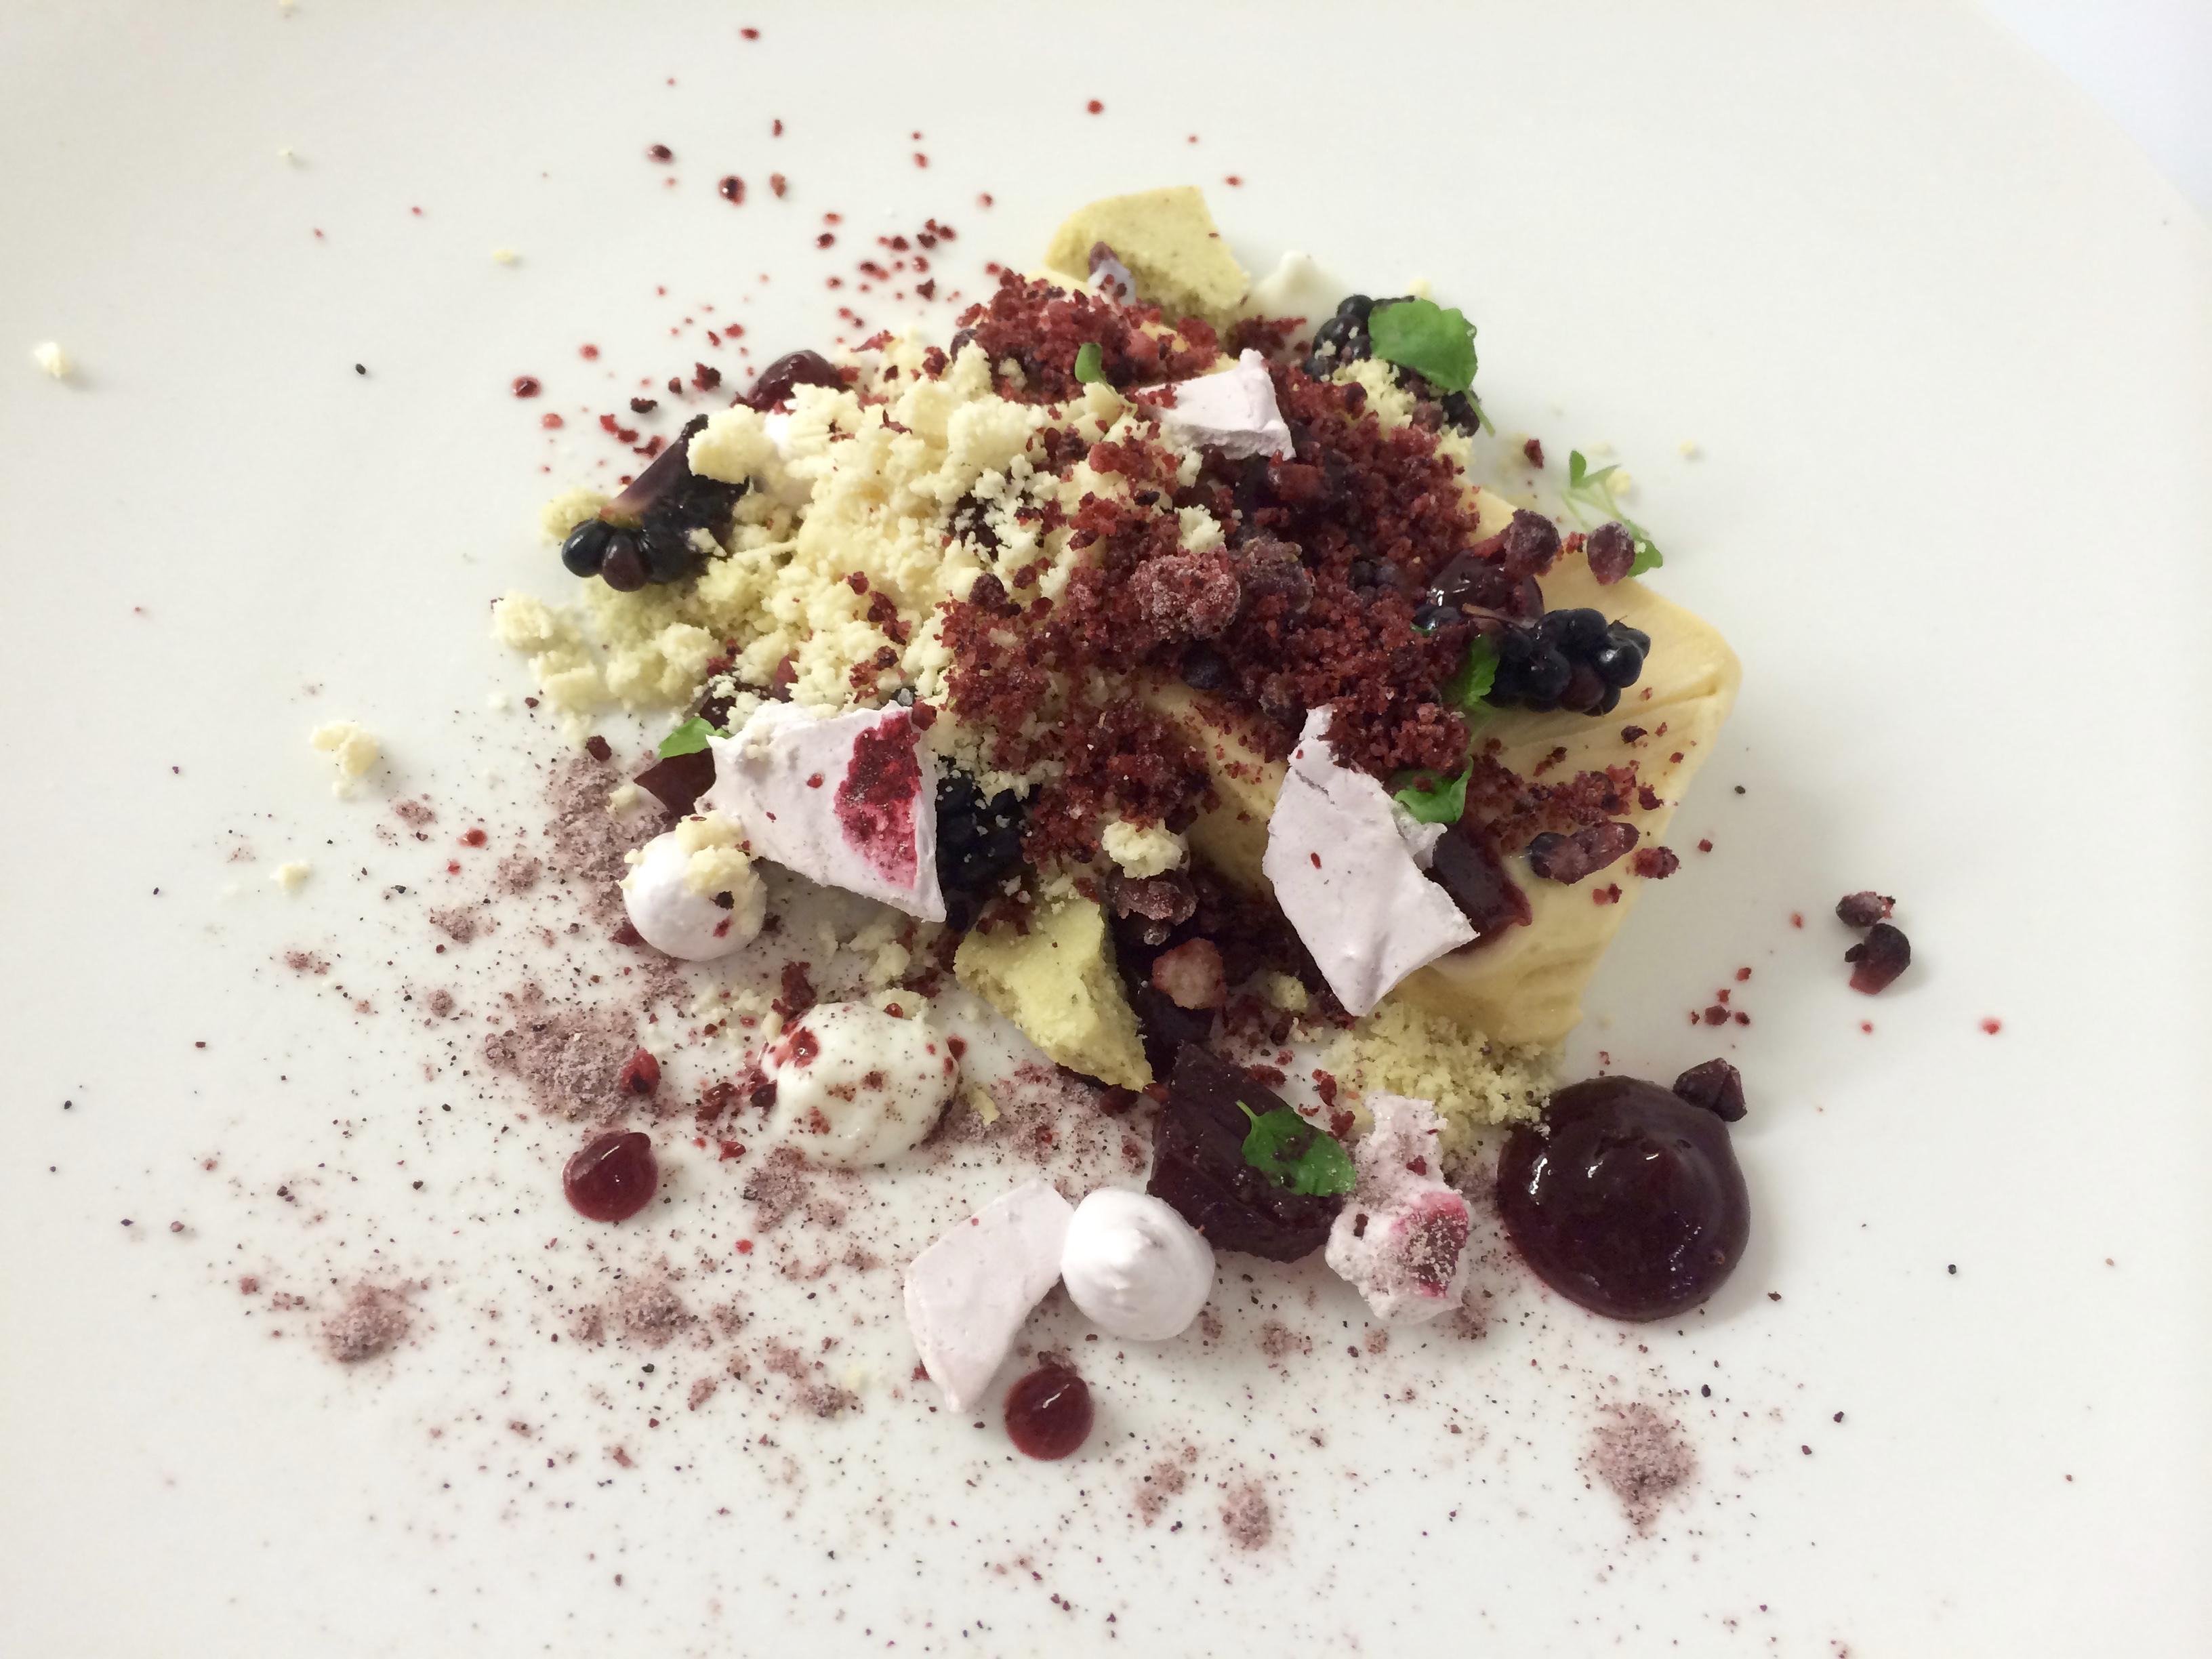 White chocolate,rosemary,blackberry